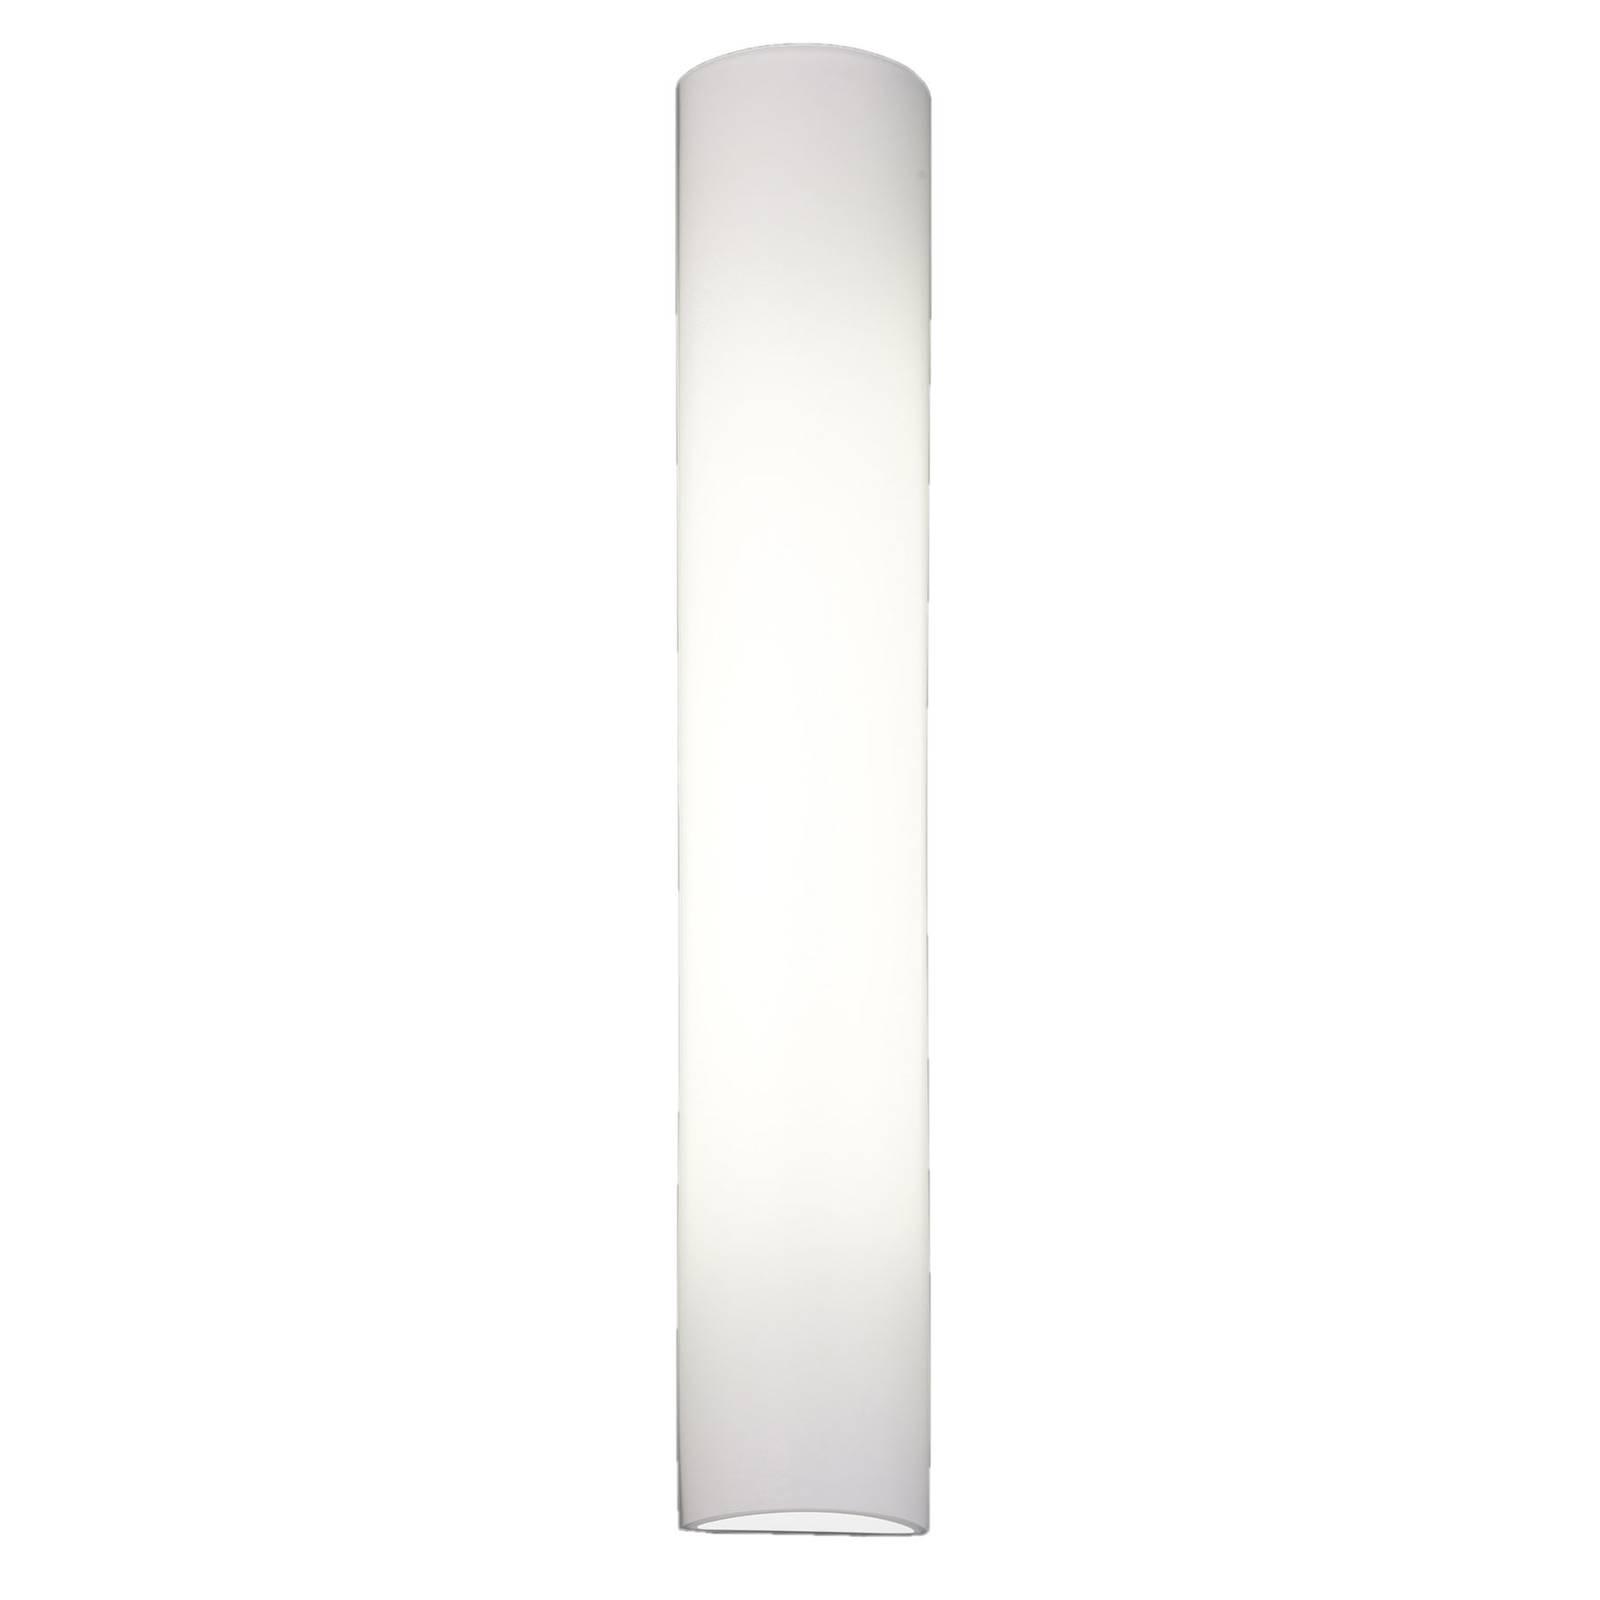 BANKAMP Cromo applique LED en verre, 54cm